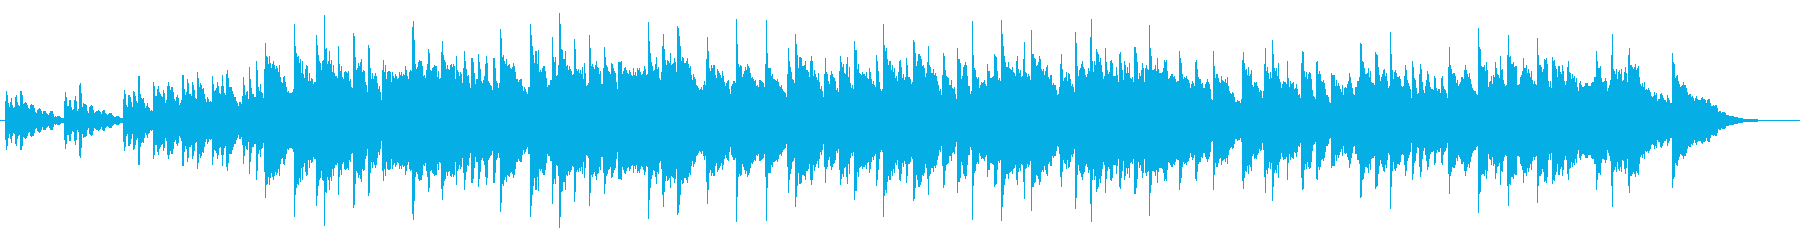 エレピ音でのメンデルスゾーン、結婚行進曲の再生済みの波形